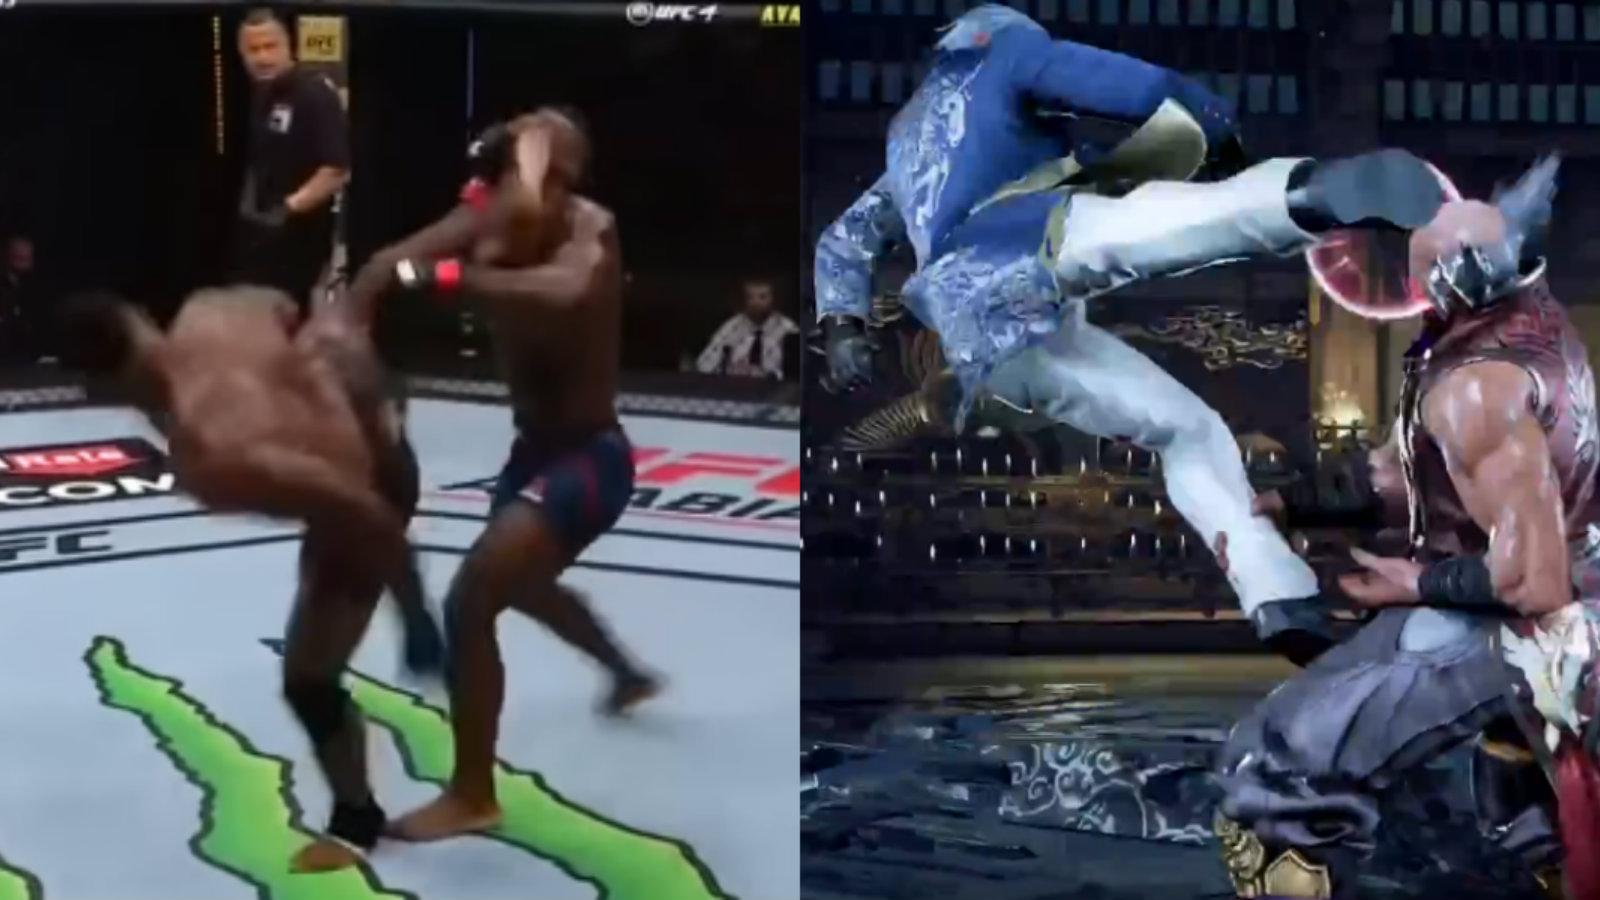 UFC fighter performs Tekken move